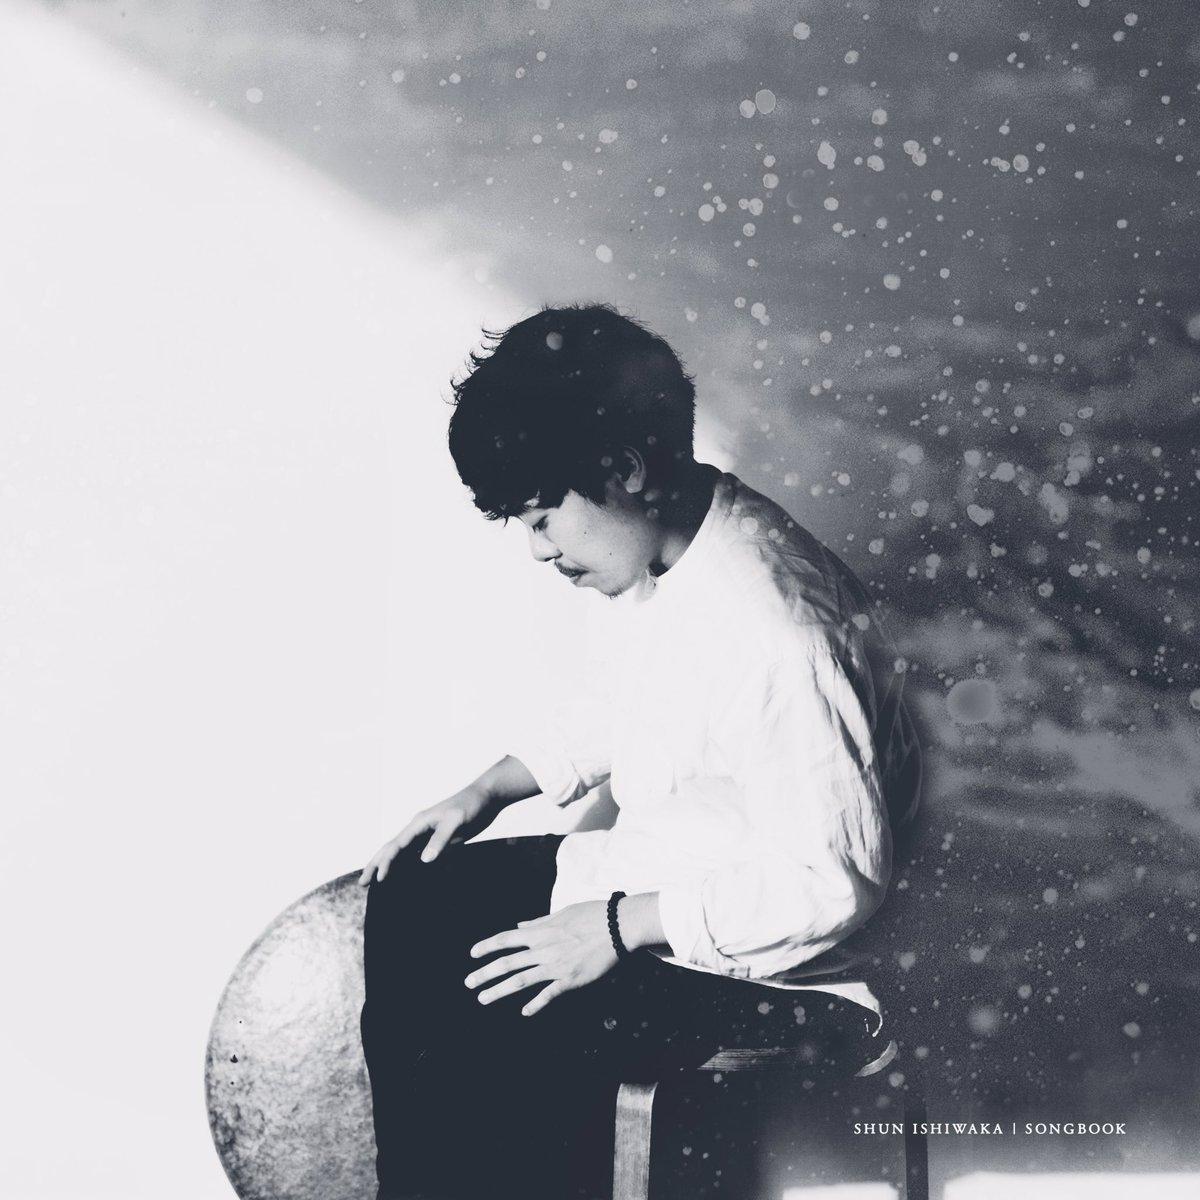 石若駿 Shun Ishiwaka Drums  北海道清里町生まれ。 幼少からクラシックに親しみ、13歳よりクラシックパーカッションを始める。 2002年~2006年まで札幌ジュニアジャズスクールに在籍し本格的にドラムを演奏し始め、その間、ハービー・ハンコック、日野皓正、タイガー大越に出会い多大な影響を受ける。 2015年、東京芸術大学音楽学部器楽科打楽器専攻を首席卒業。